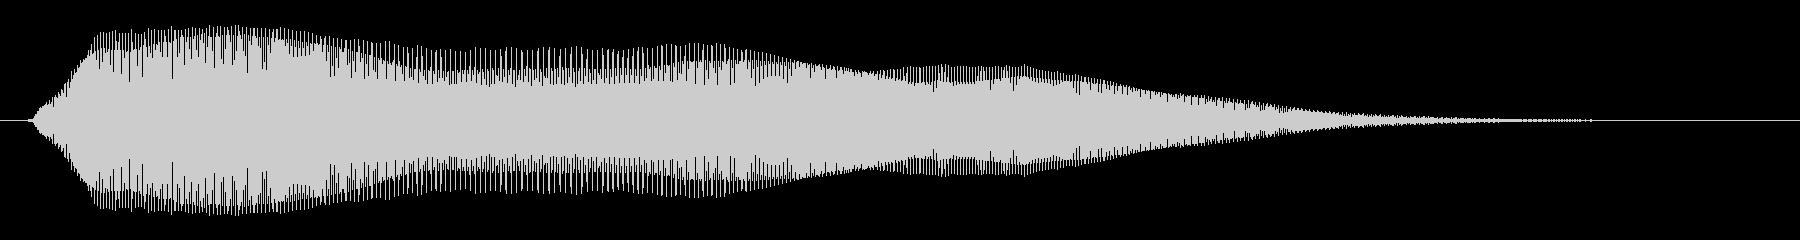 ピュウウーンというコミカルな音の未再生の波形